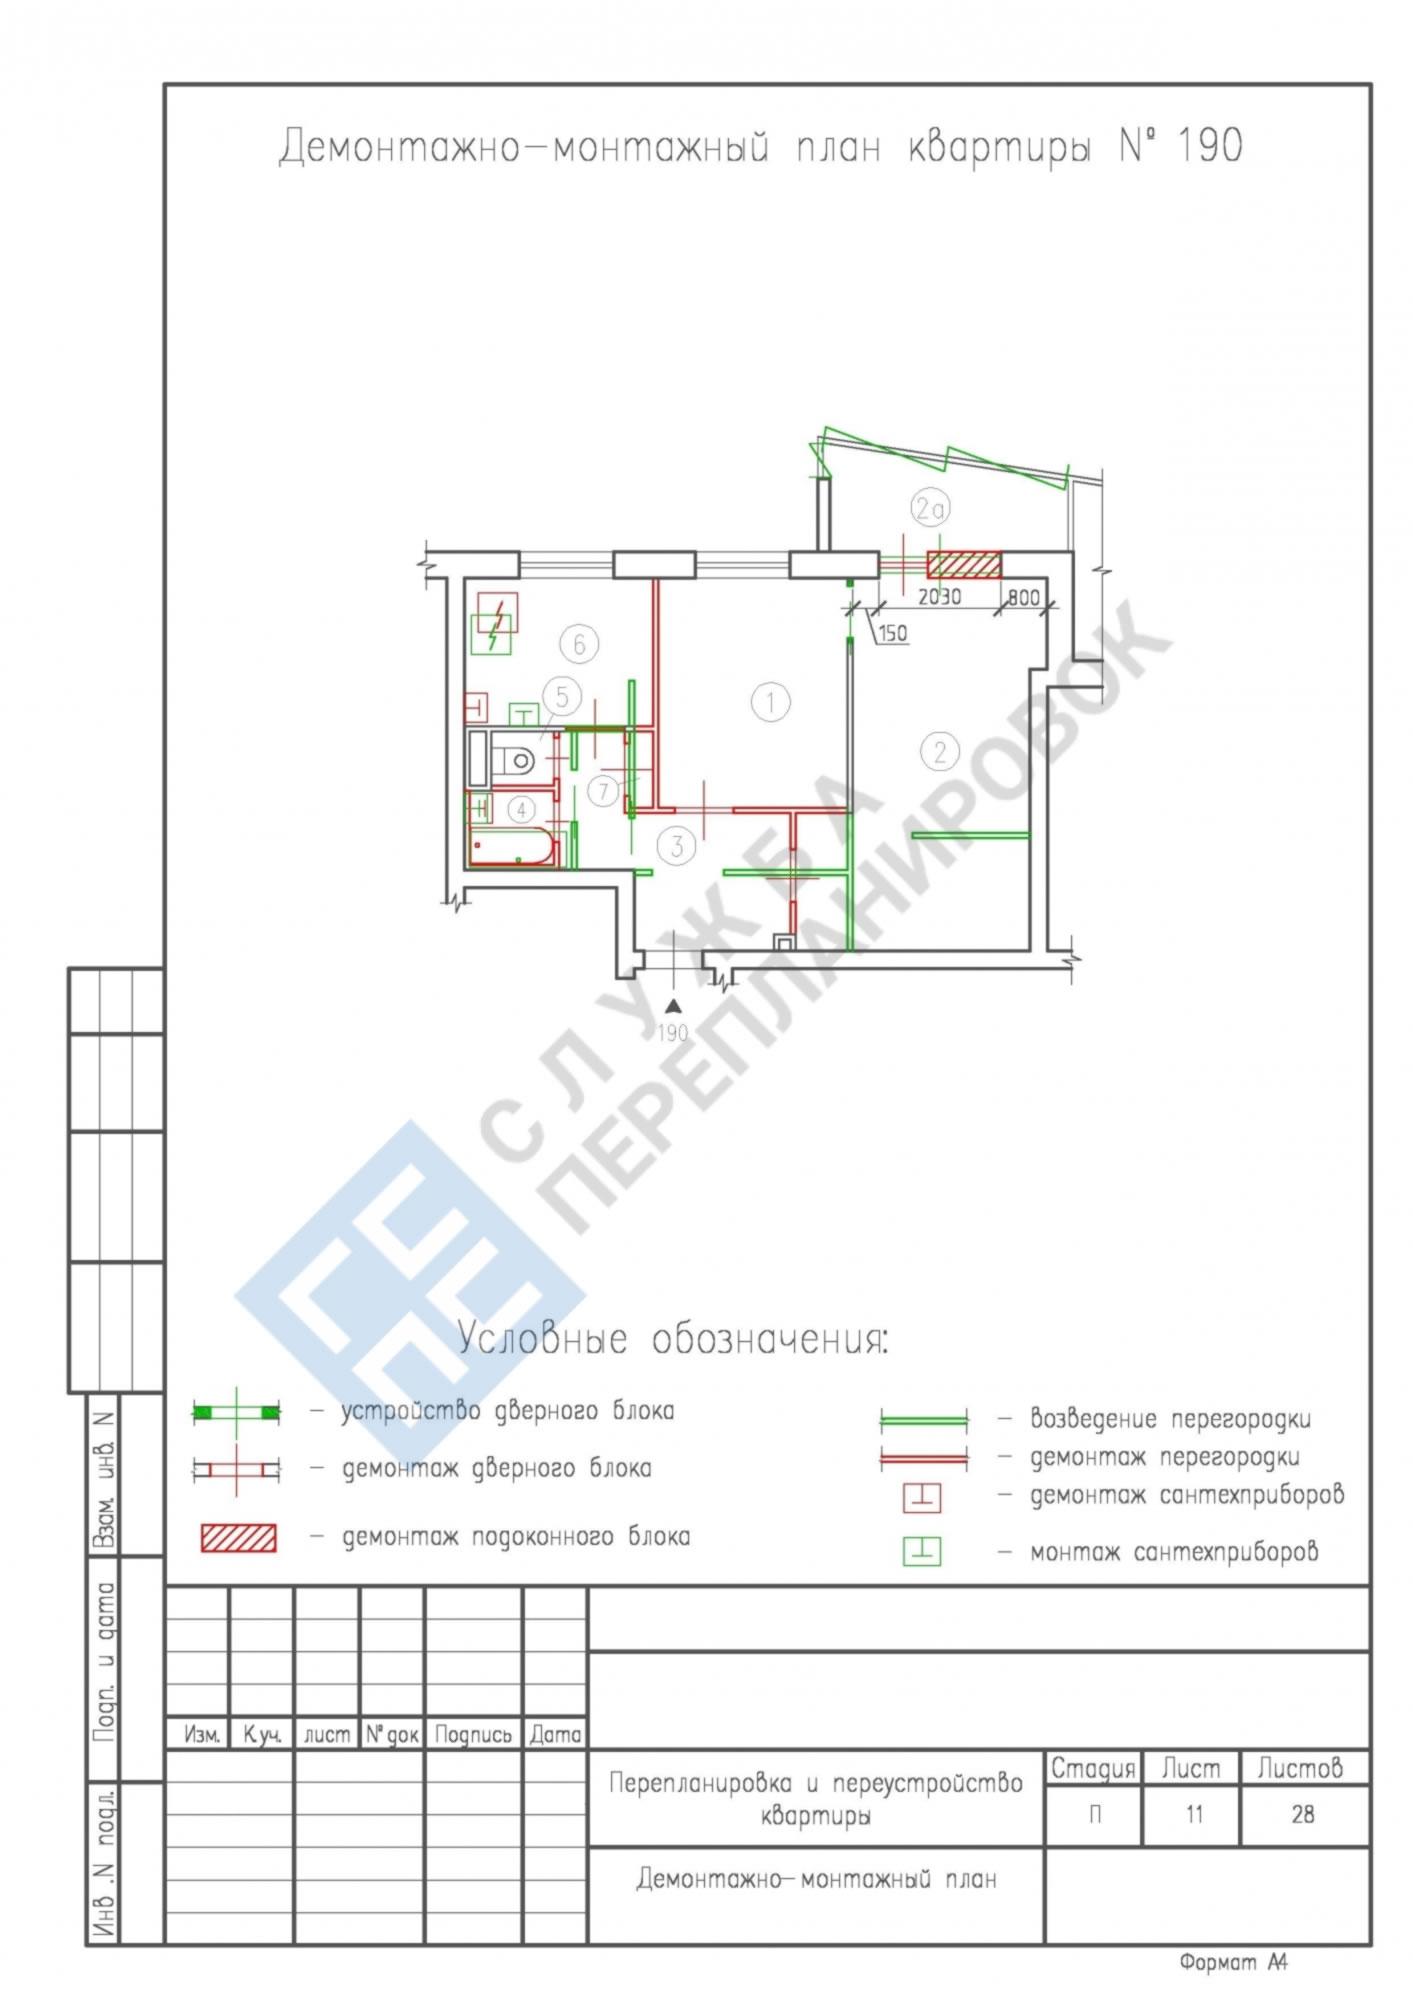 Объединение балкона с кухней: порядок работ, идеи оформления, нужно ли согласование перепланировки